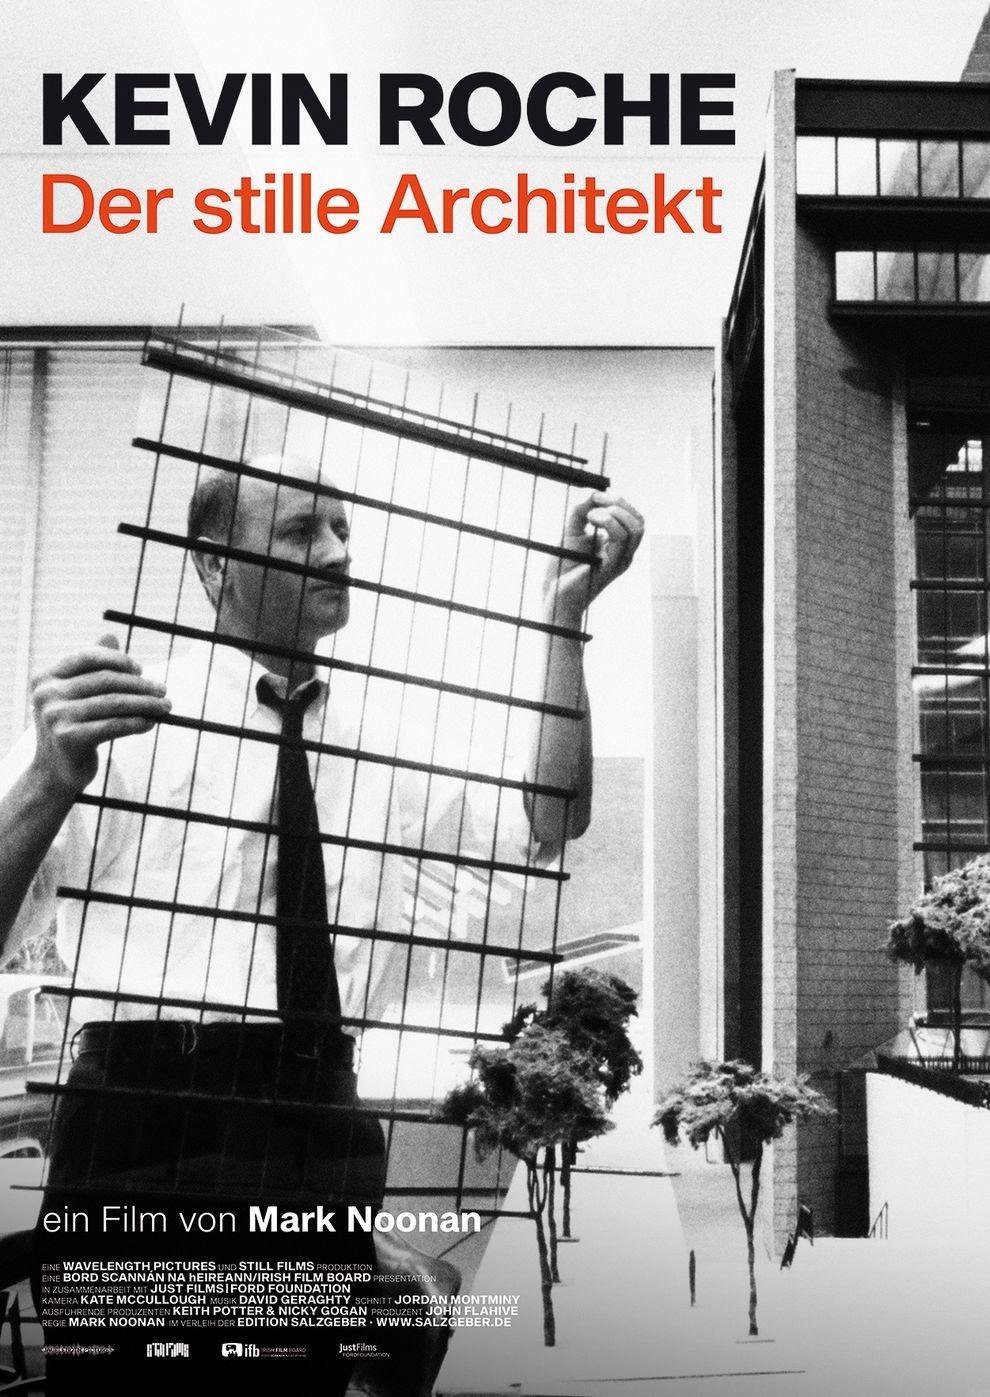 Kevin Roche: Der stille Architekt (Poster)